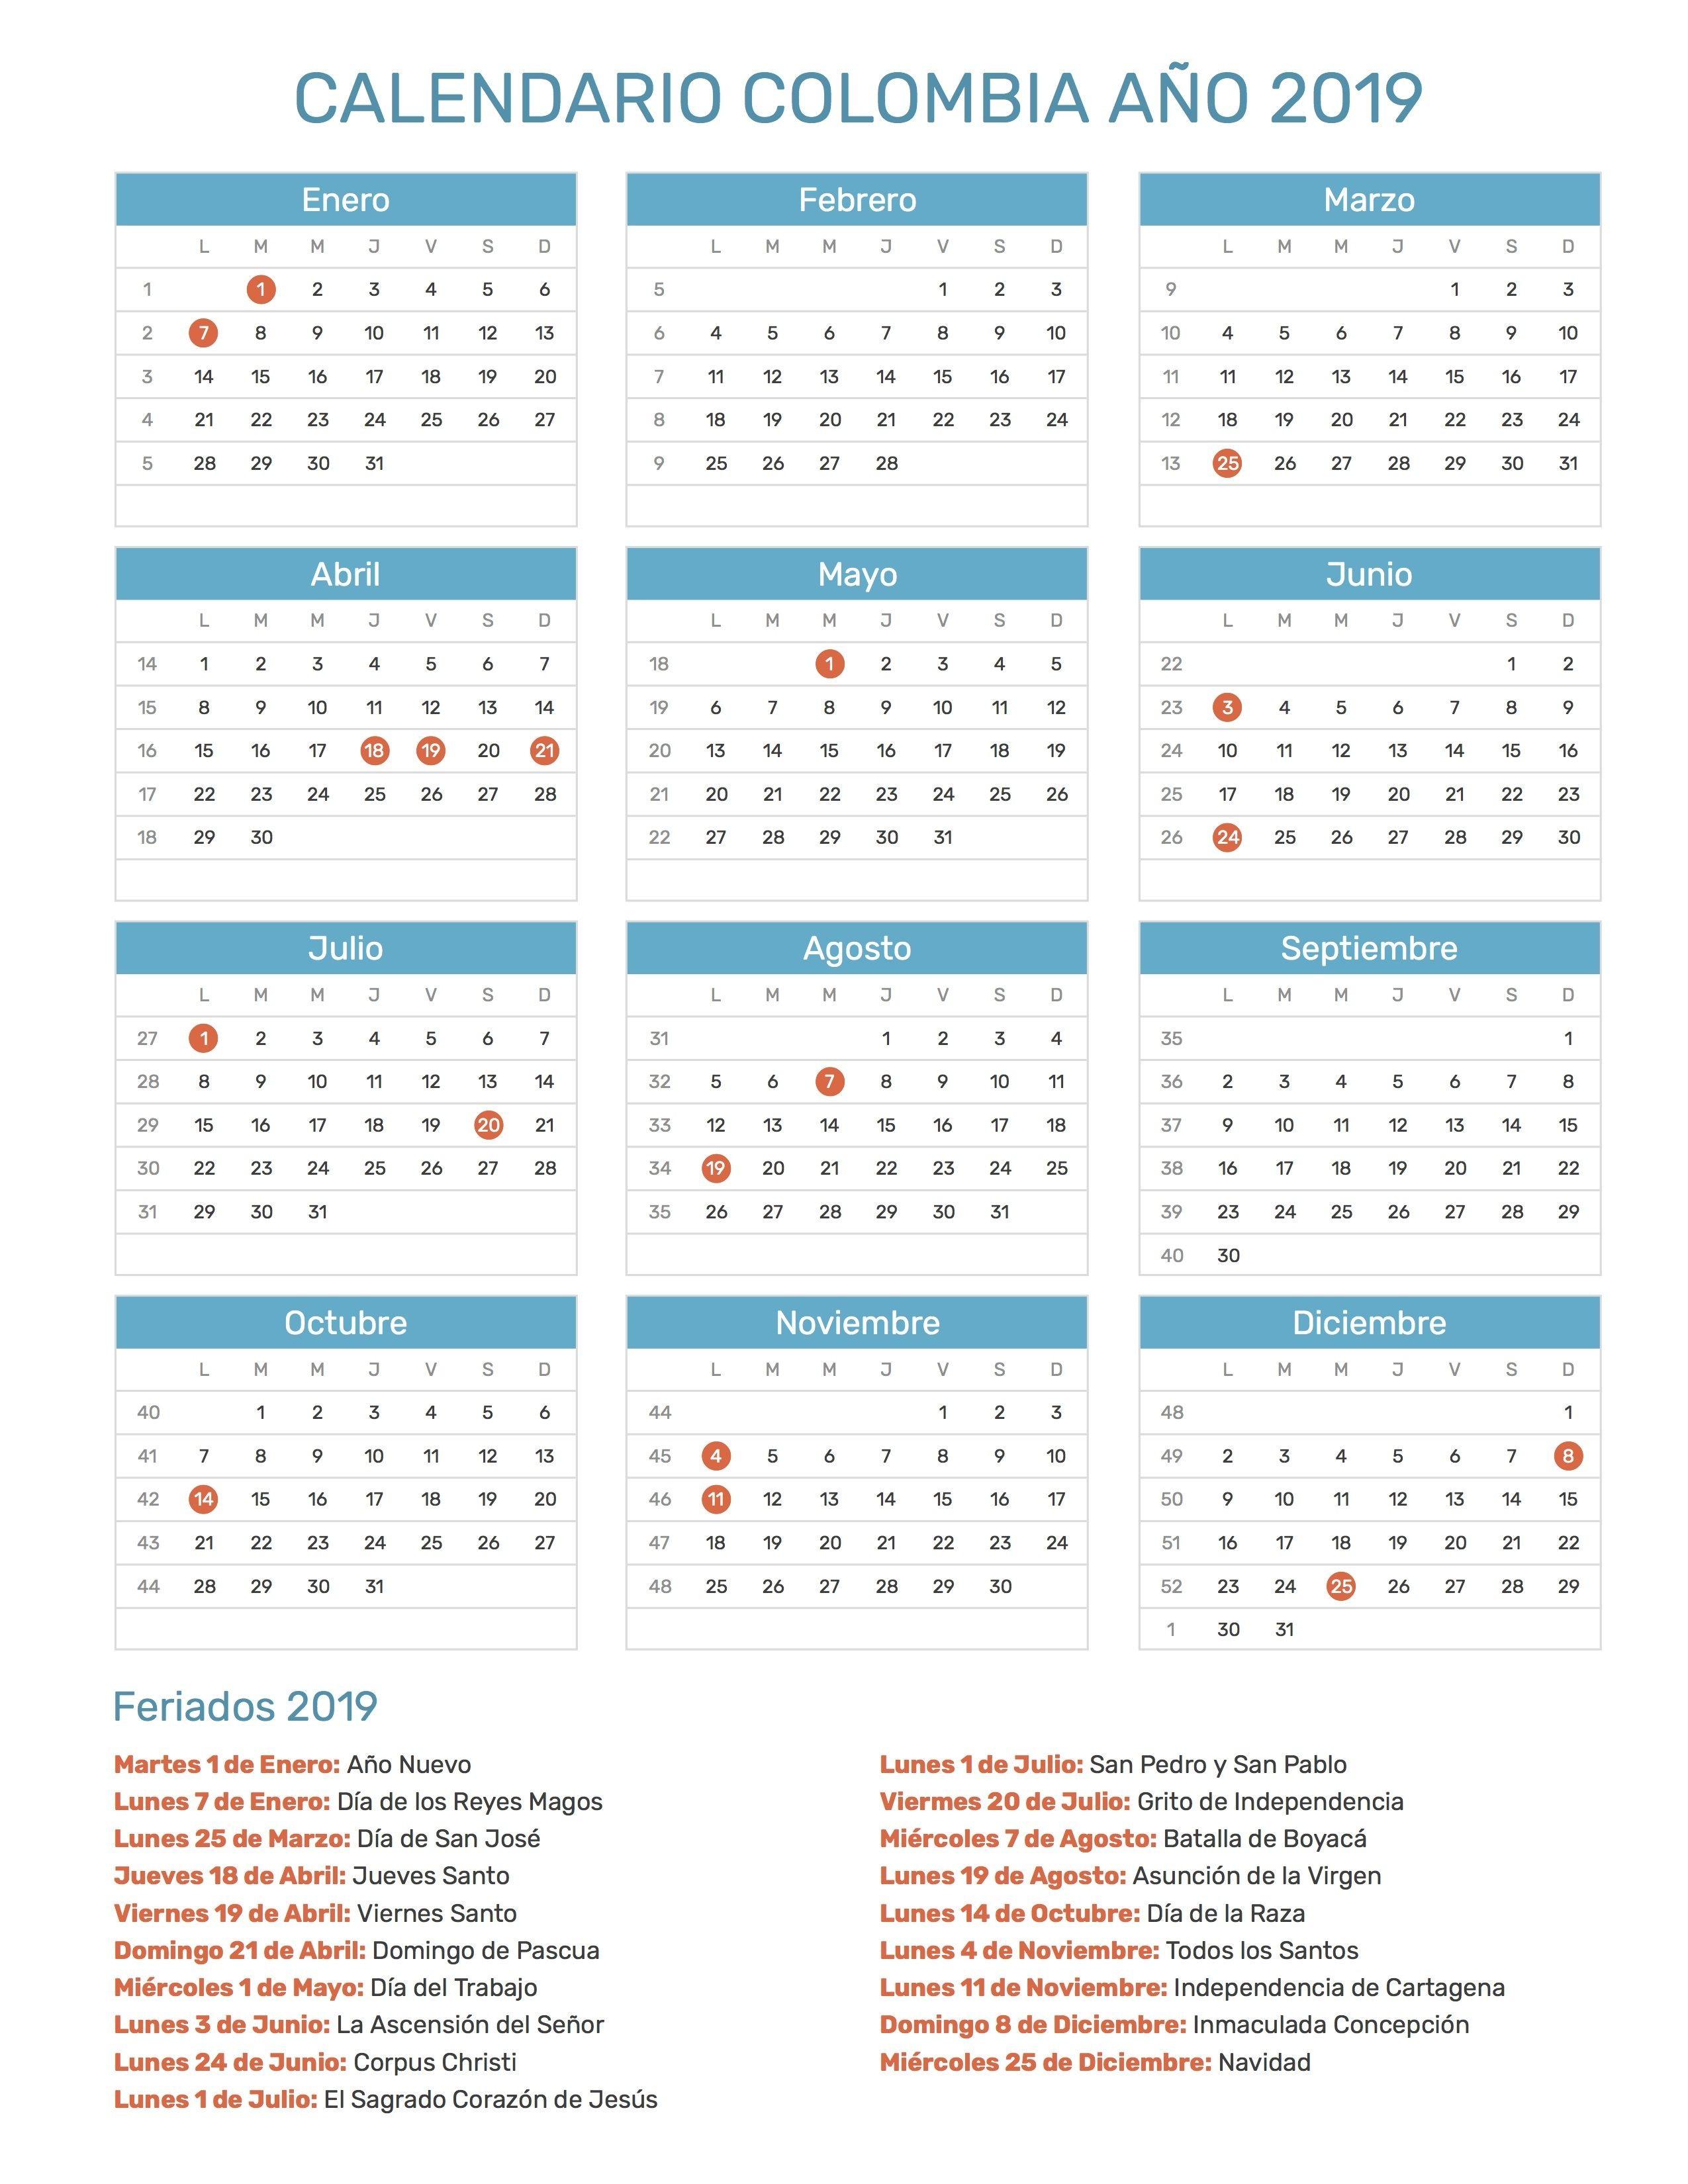 Calendario Semanal Para Imprimir 2017 Más Caliente Pin De Gladys En Imagenes Para Calendario Pinterest Of Calendario Semanal Para Imprimir 2017 Más Arriba-a-fecha Calendario En Ingles Para Nios Amazing Descarga Nuestra Ficha